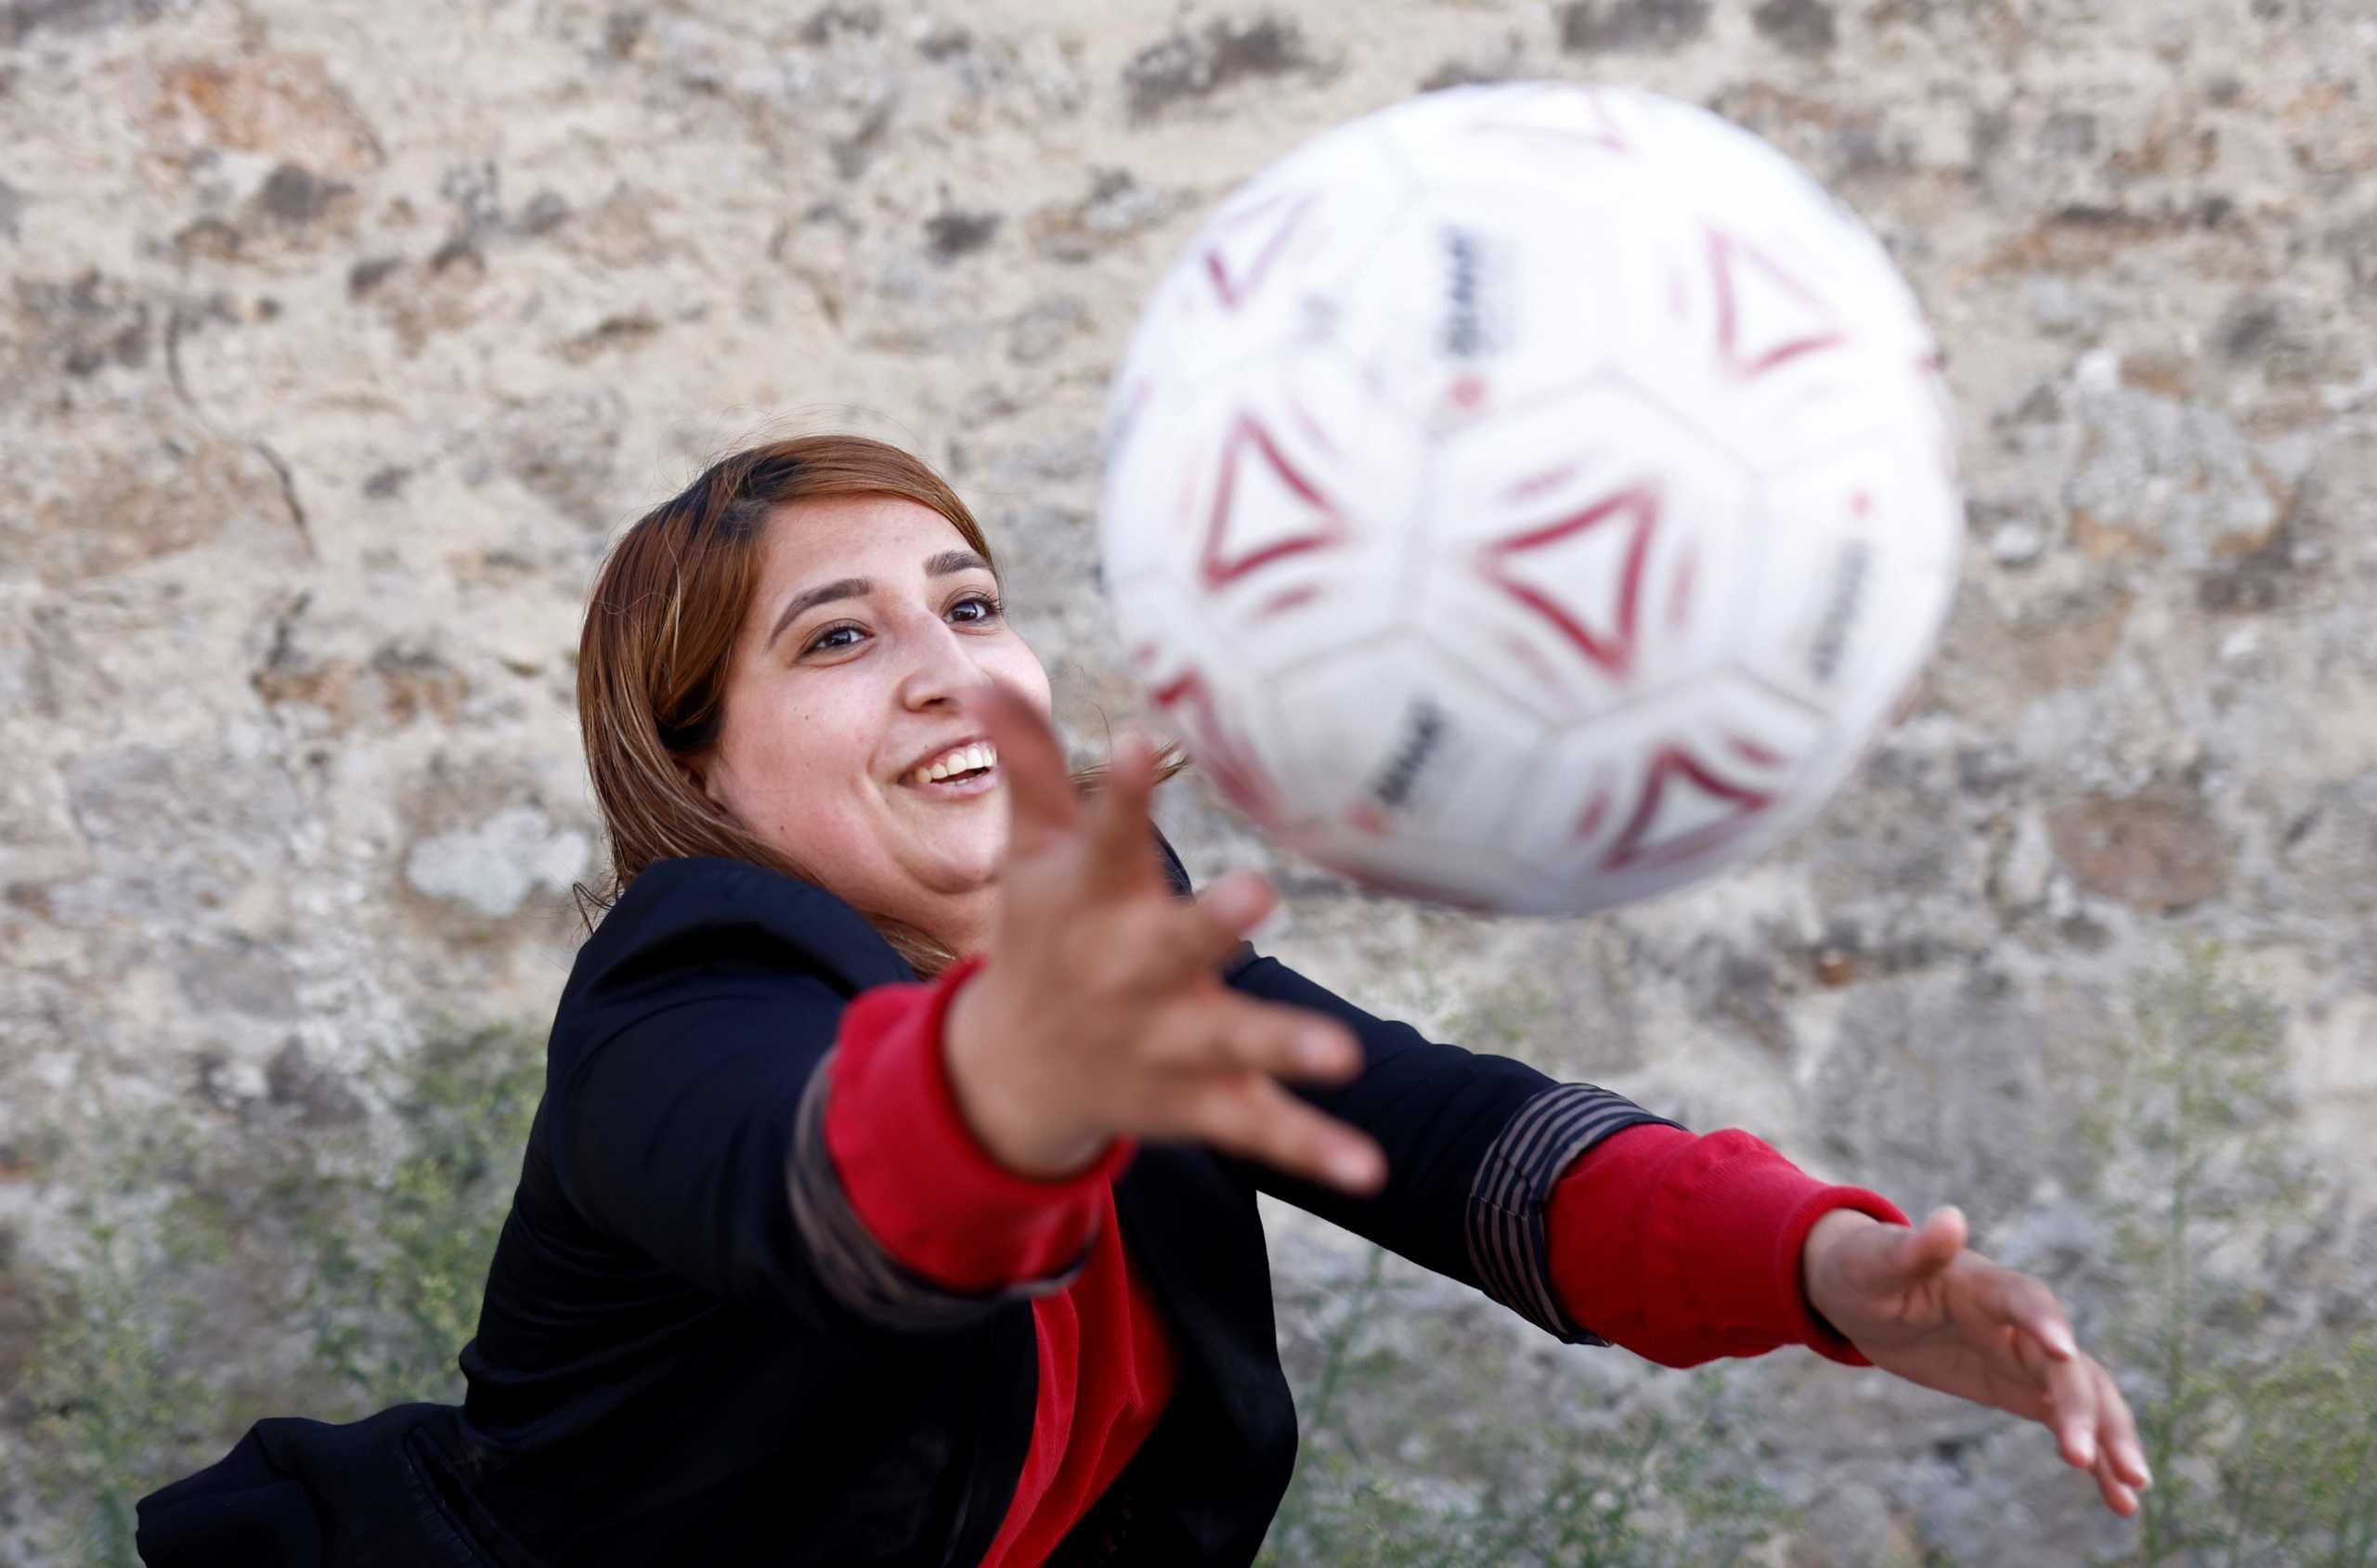 Αφγανιστάν: 25χρονη παίκτρια  ποδοσφαίρου περιγράφει τον εφιάλτη των Ταλιμπάν